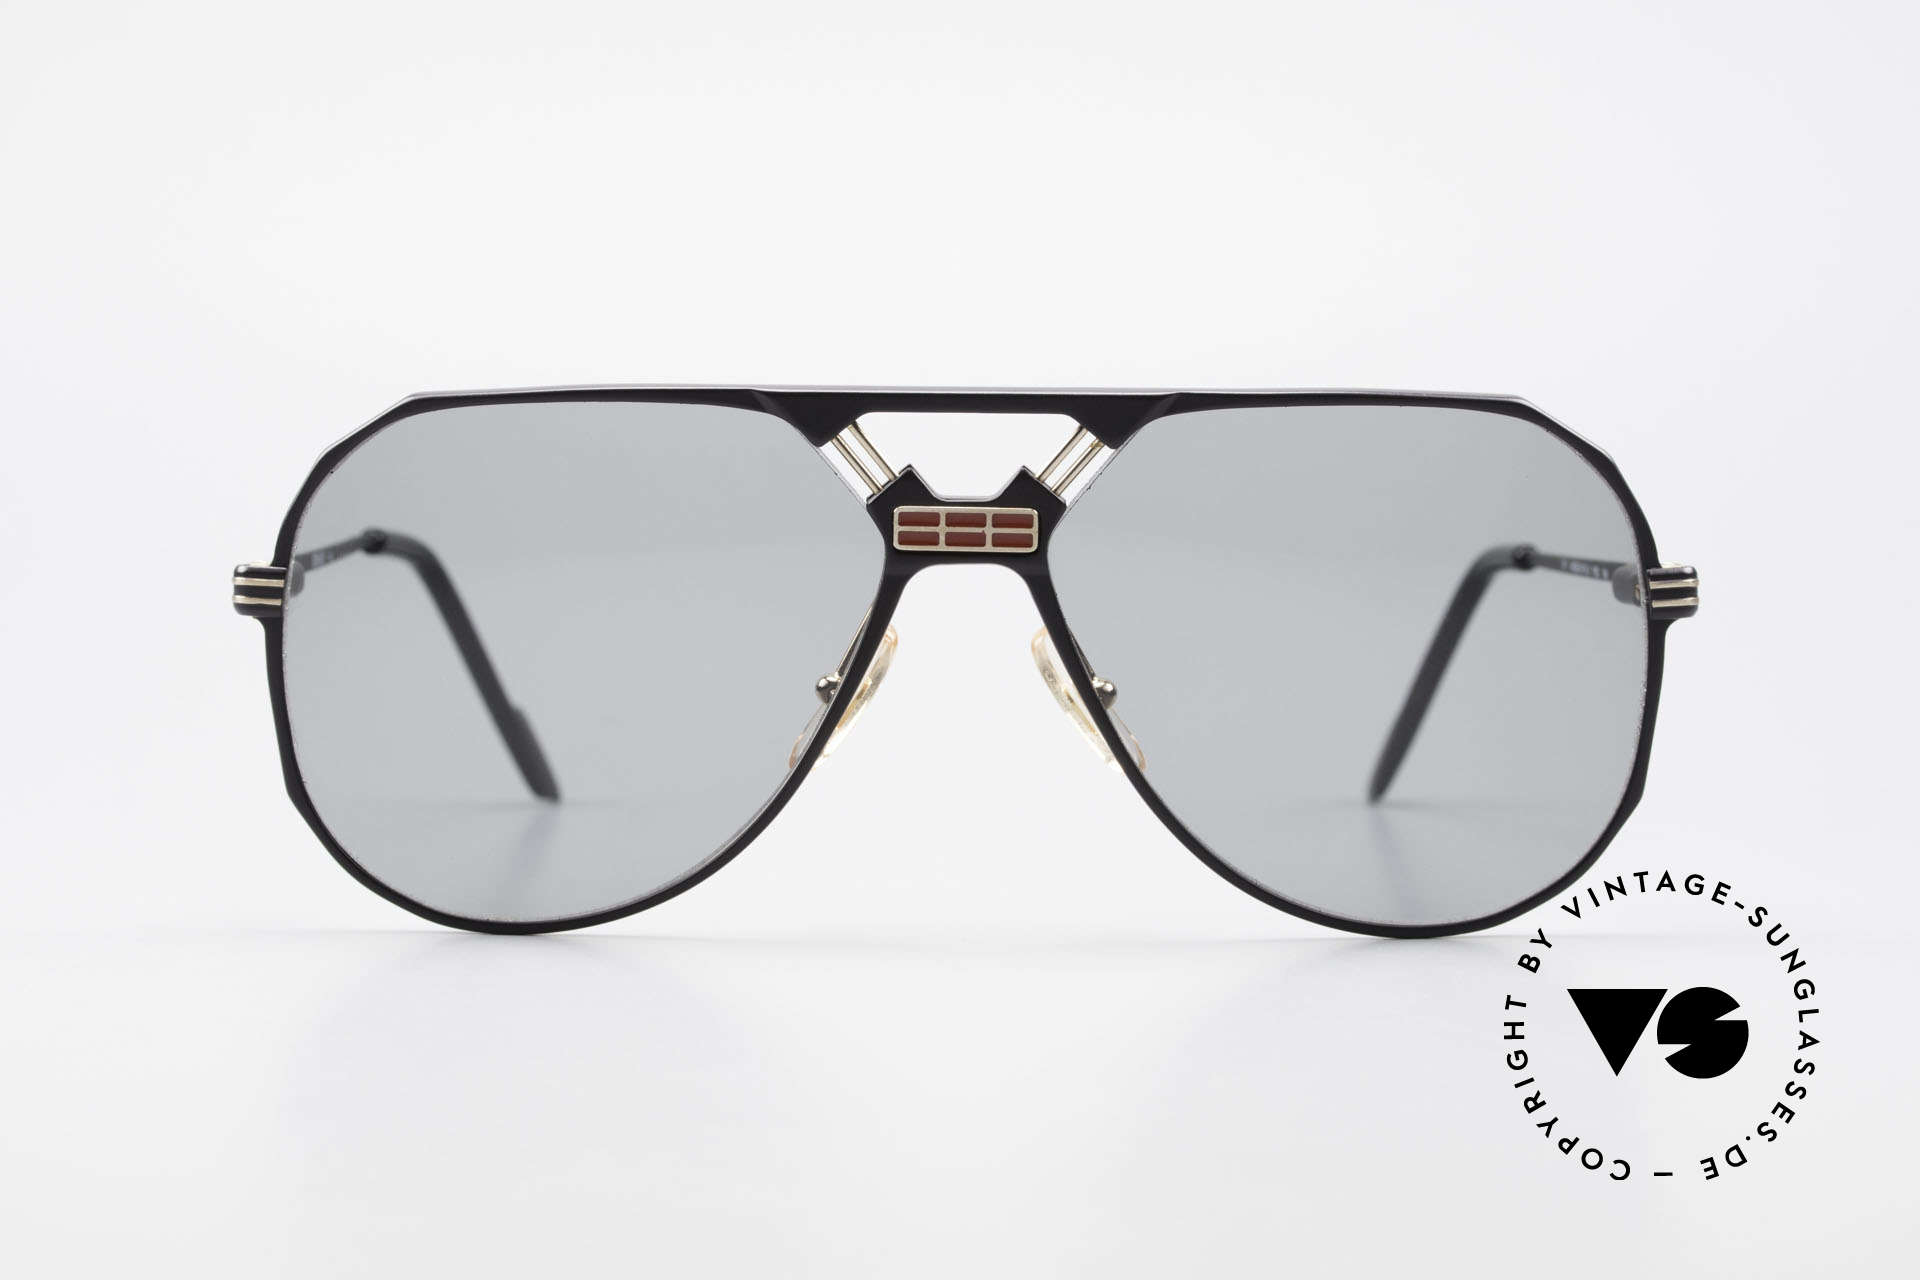 Ferrari F23/S Sport Aviator Sonnenbrille, ideale Passform durch Federscharniere; Top-Qualität, Passend für Herren